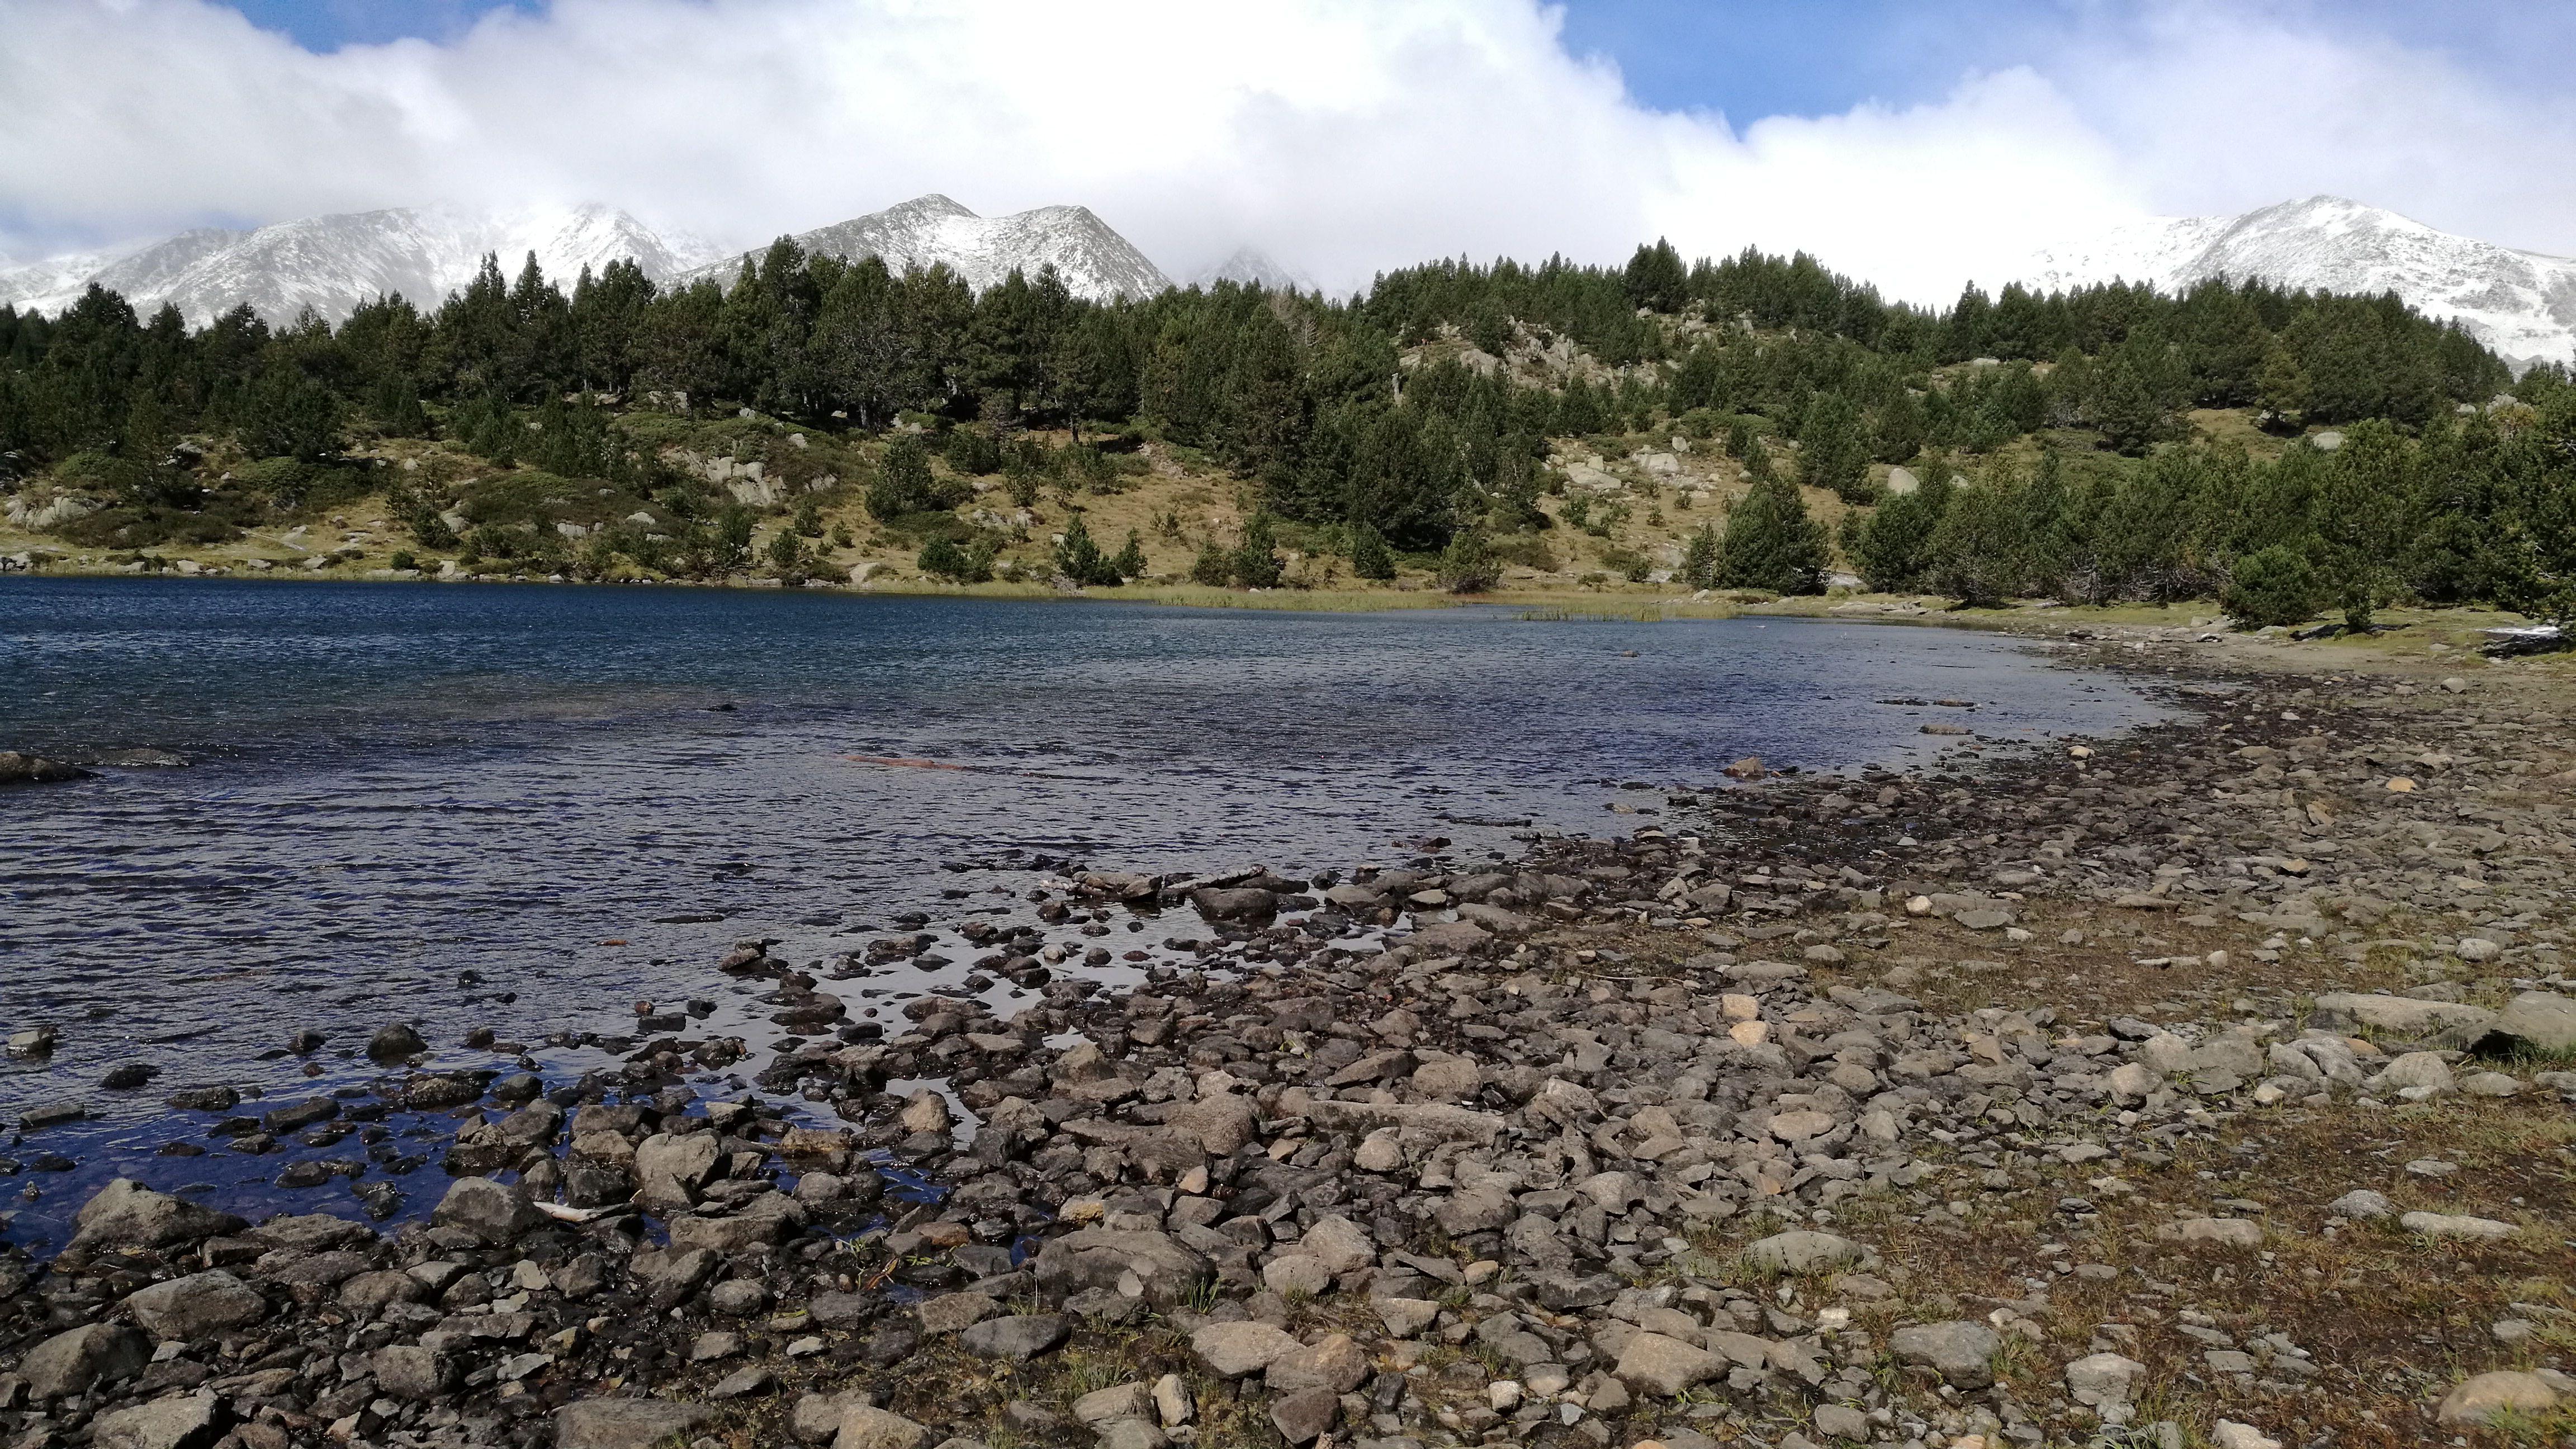 De nuevo el lago le Negre, casi parece un día distinto